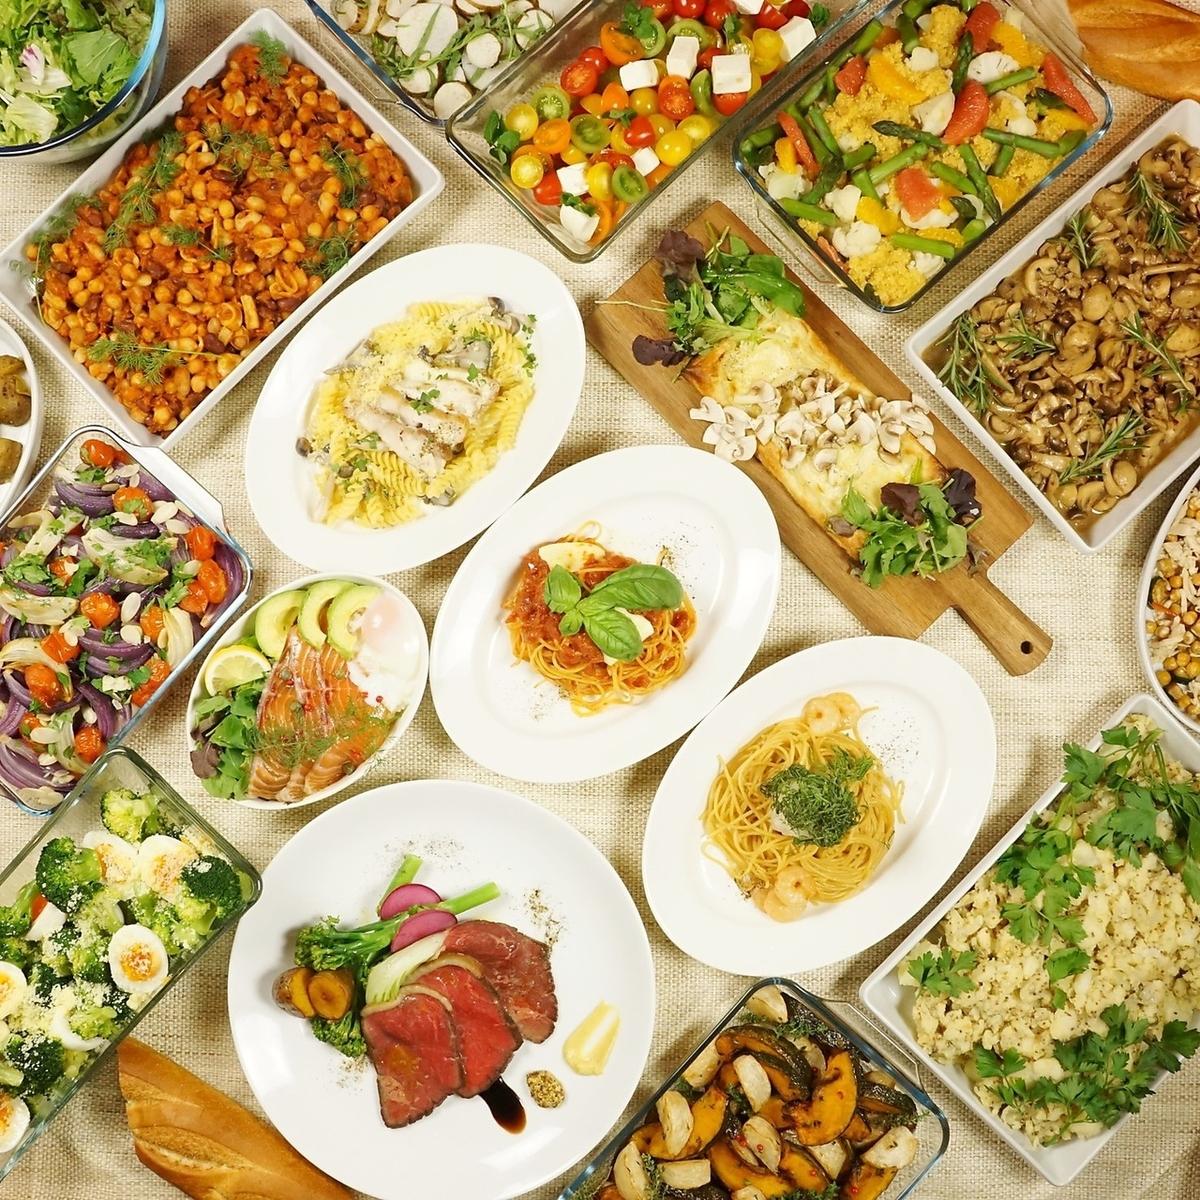 与沙拉吧共进午餐